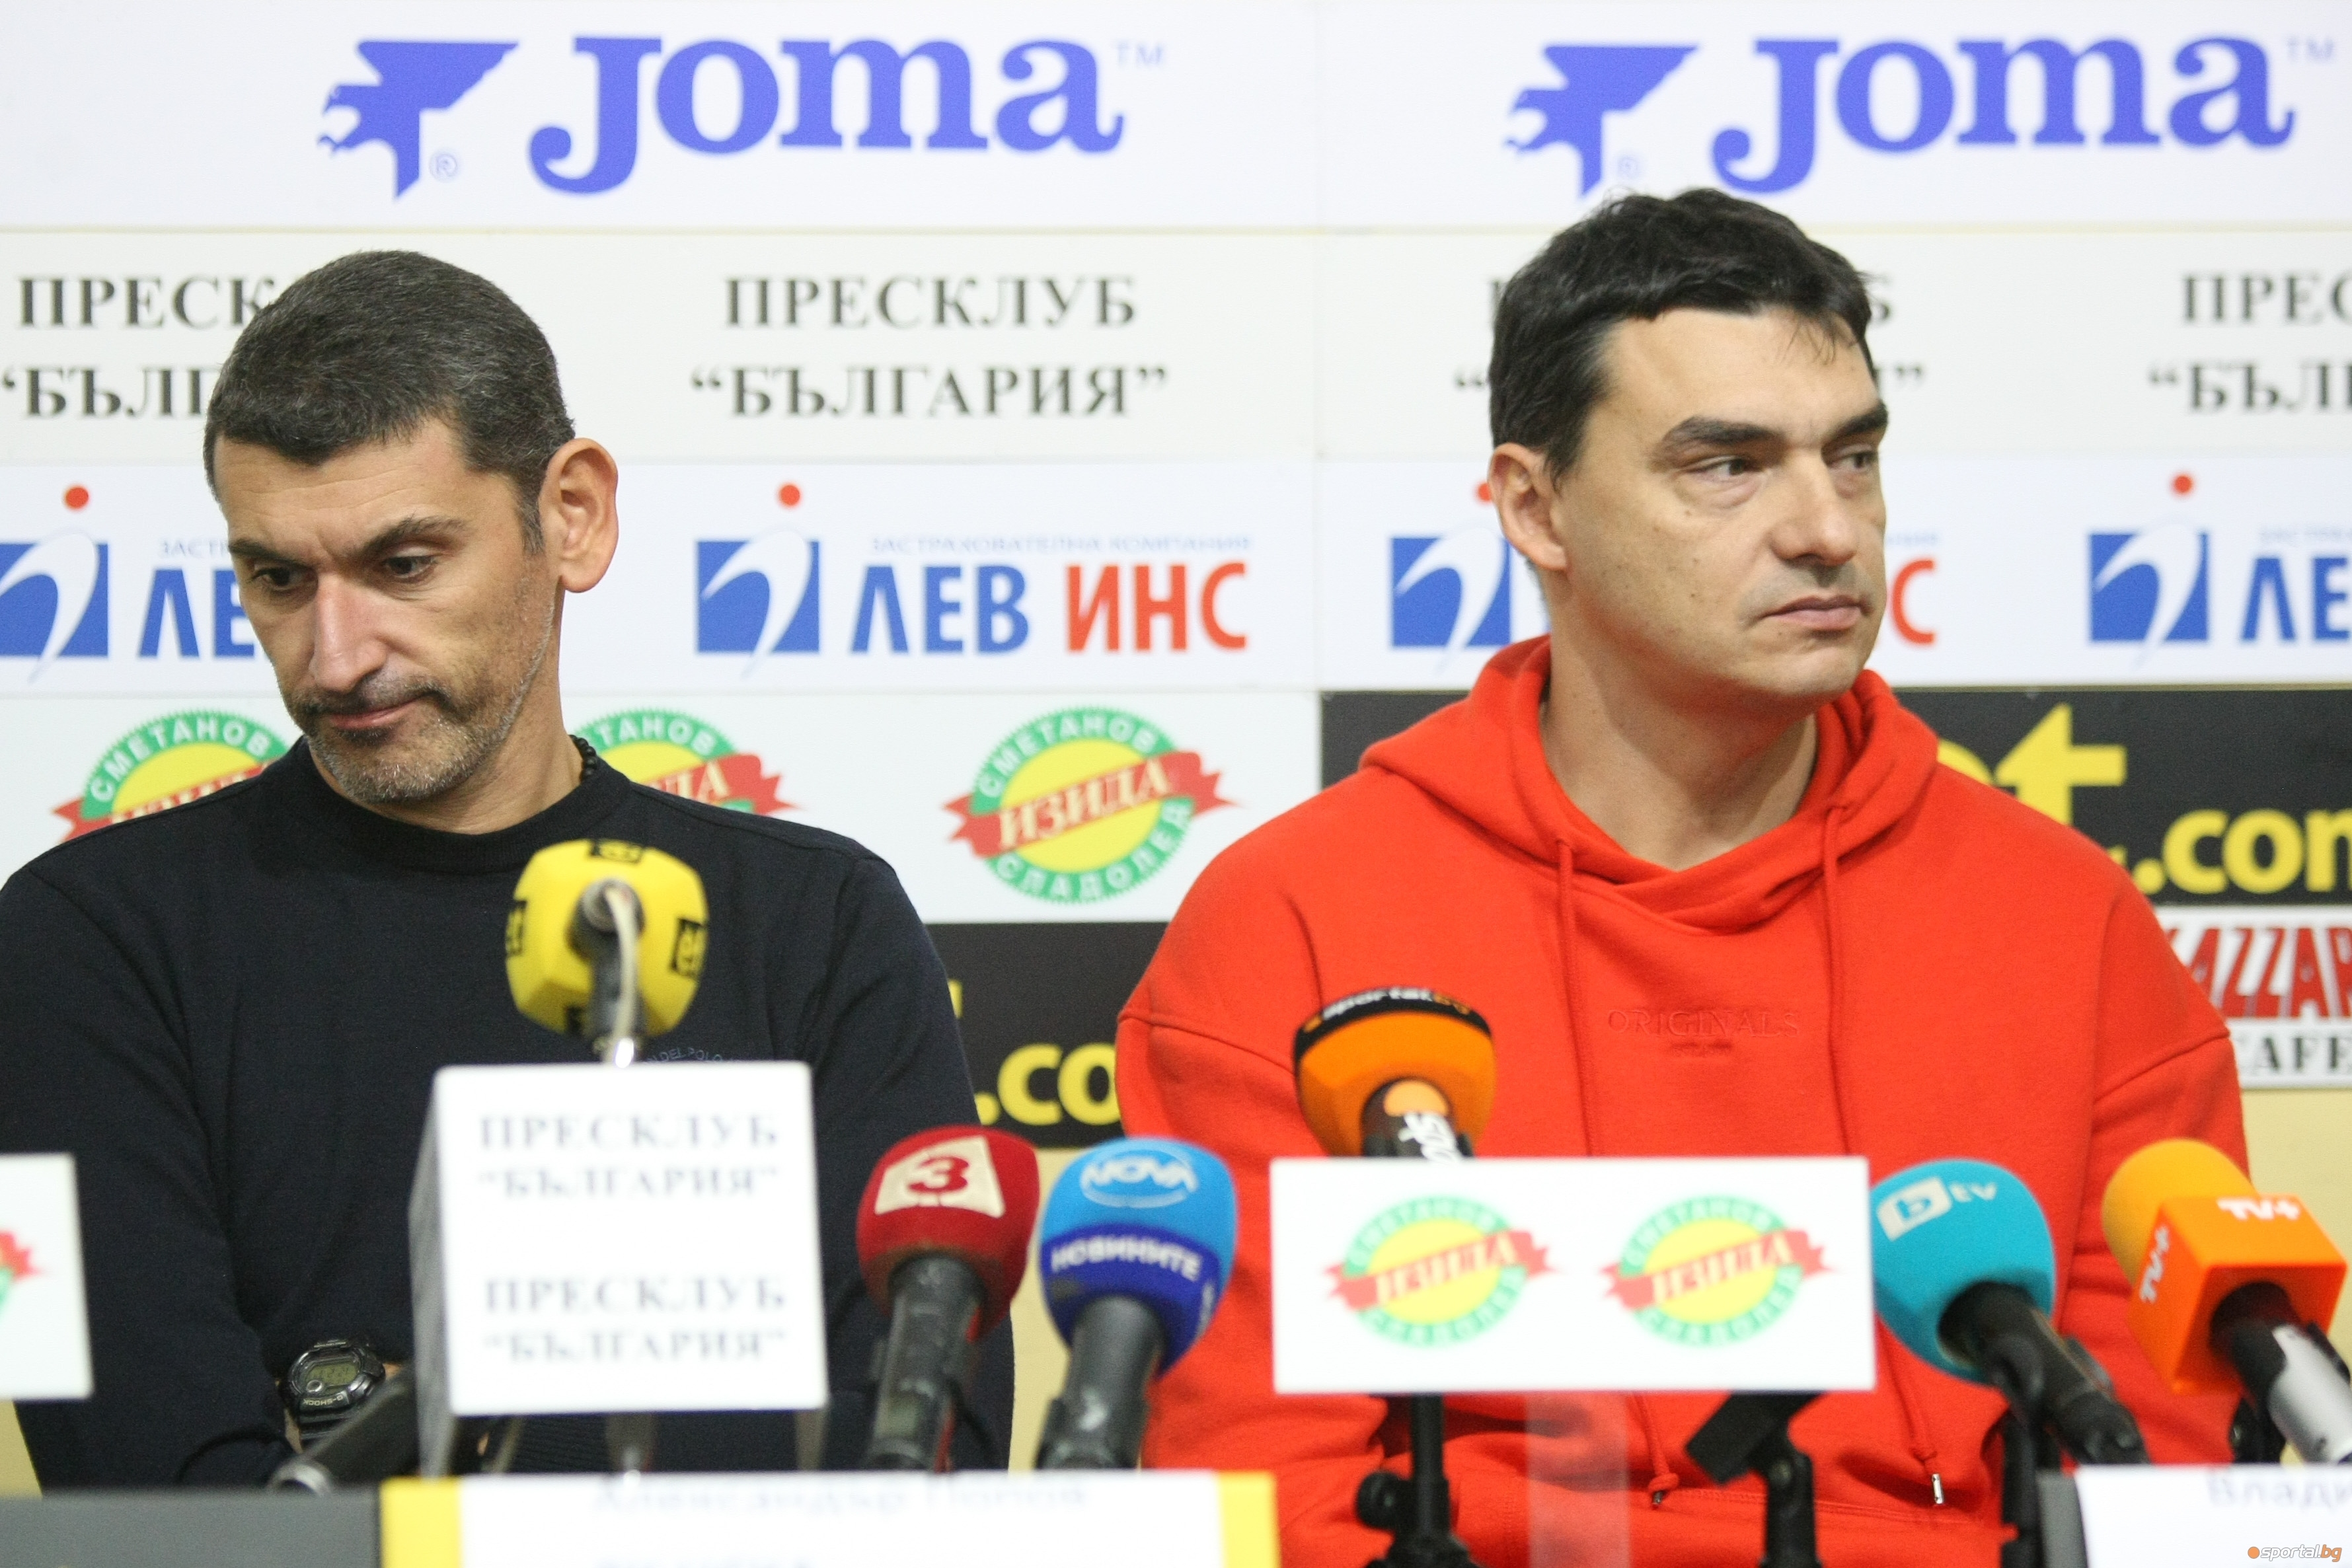 Елитът на българския волейбол официално поиска смяната на президента на